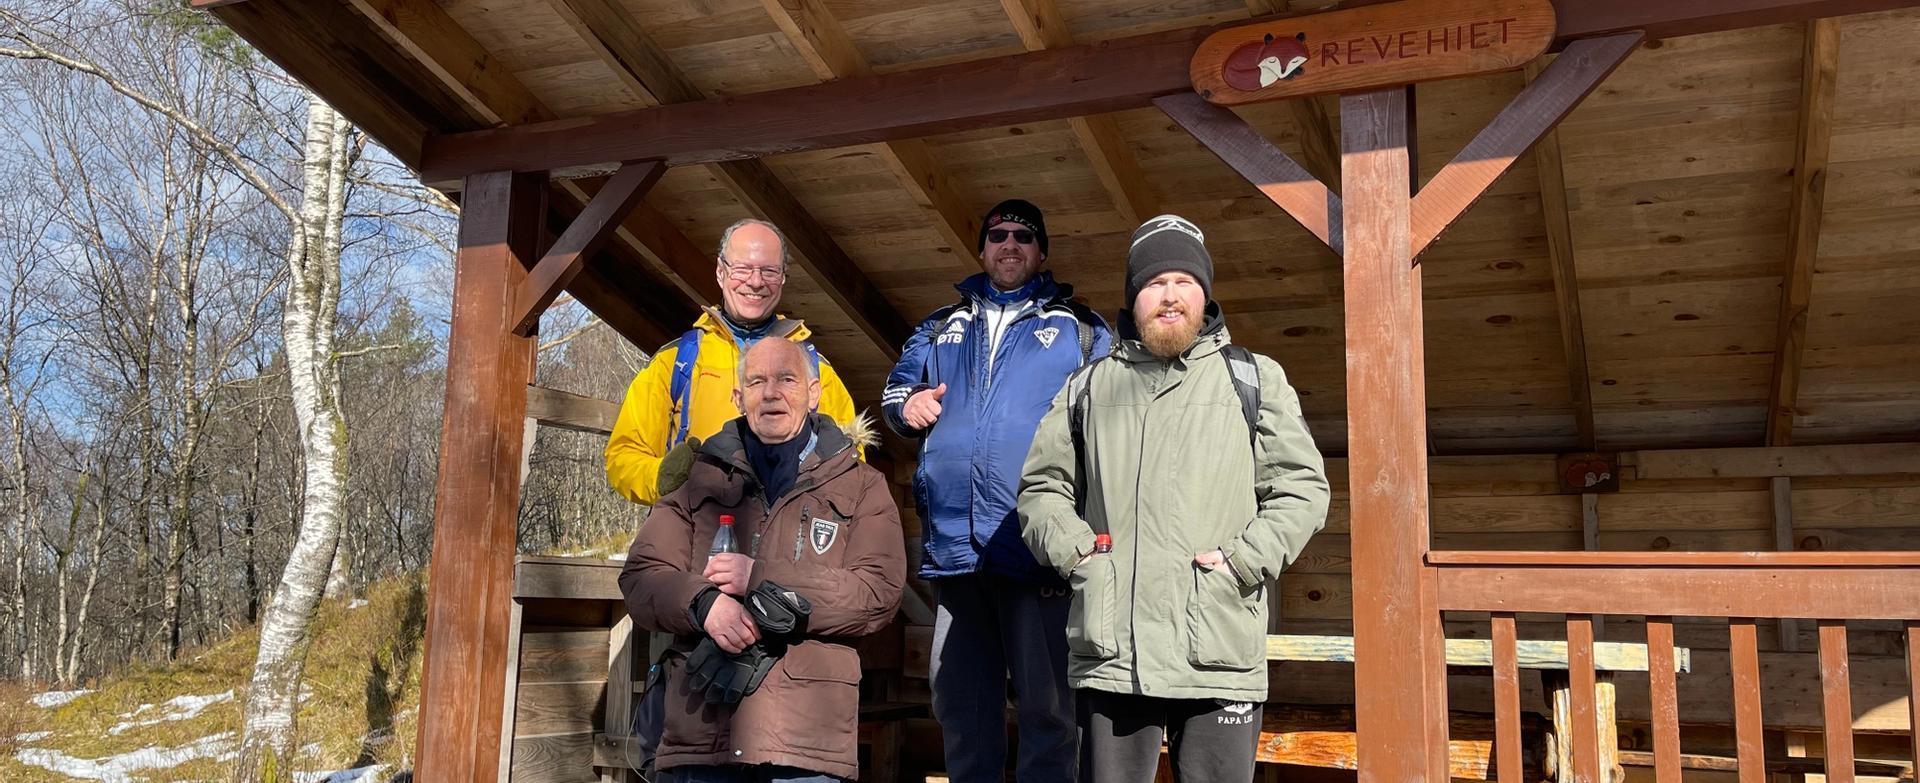 Fire av miljøpatruljens medlemmer i aksjon